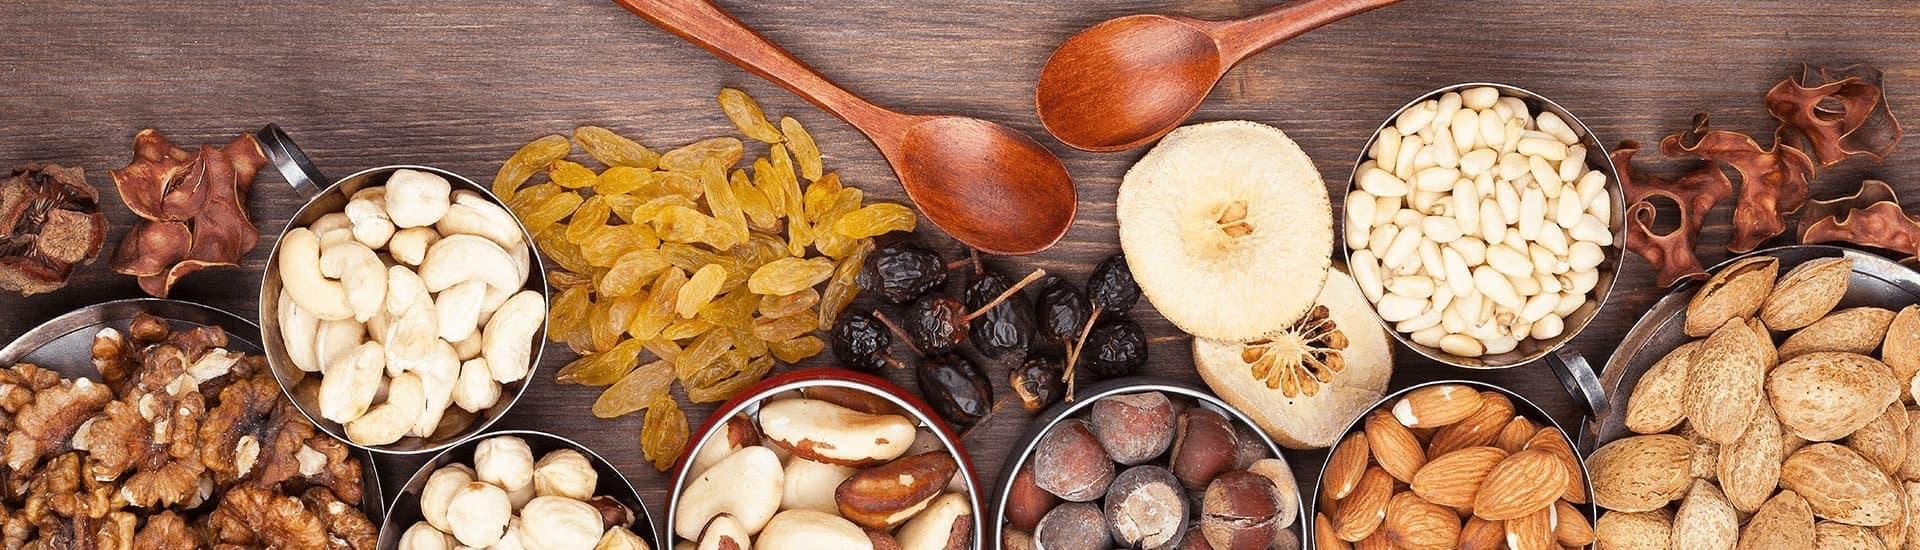 Из орехов и сухофруктов